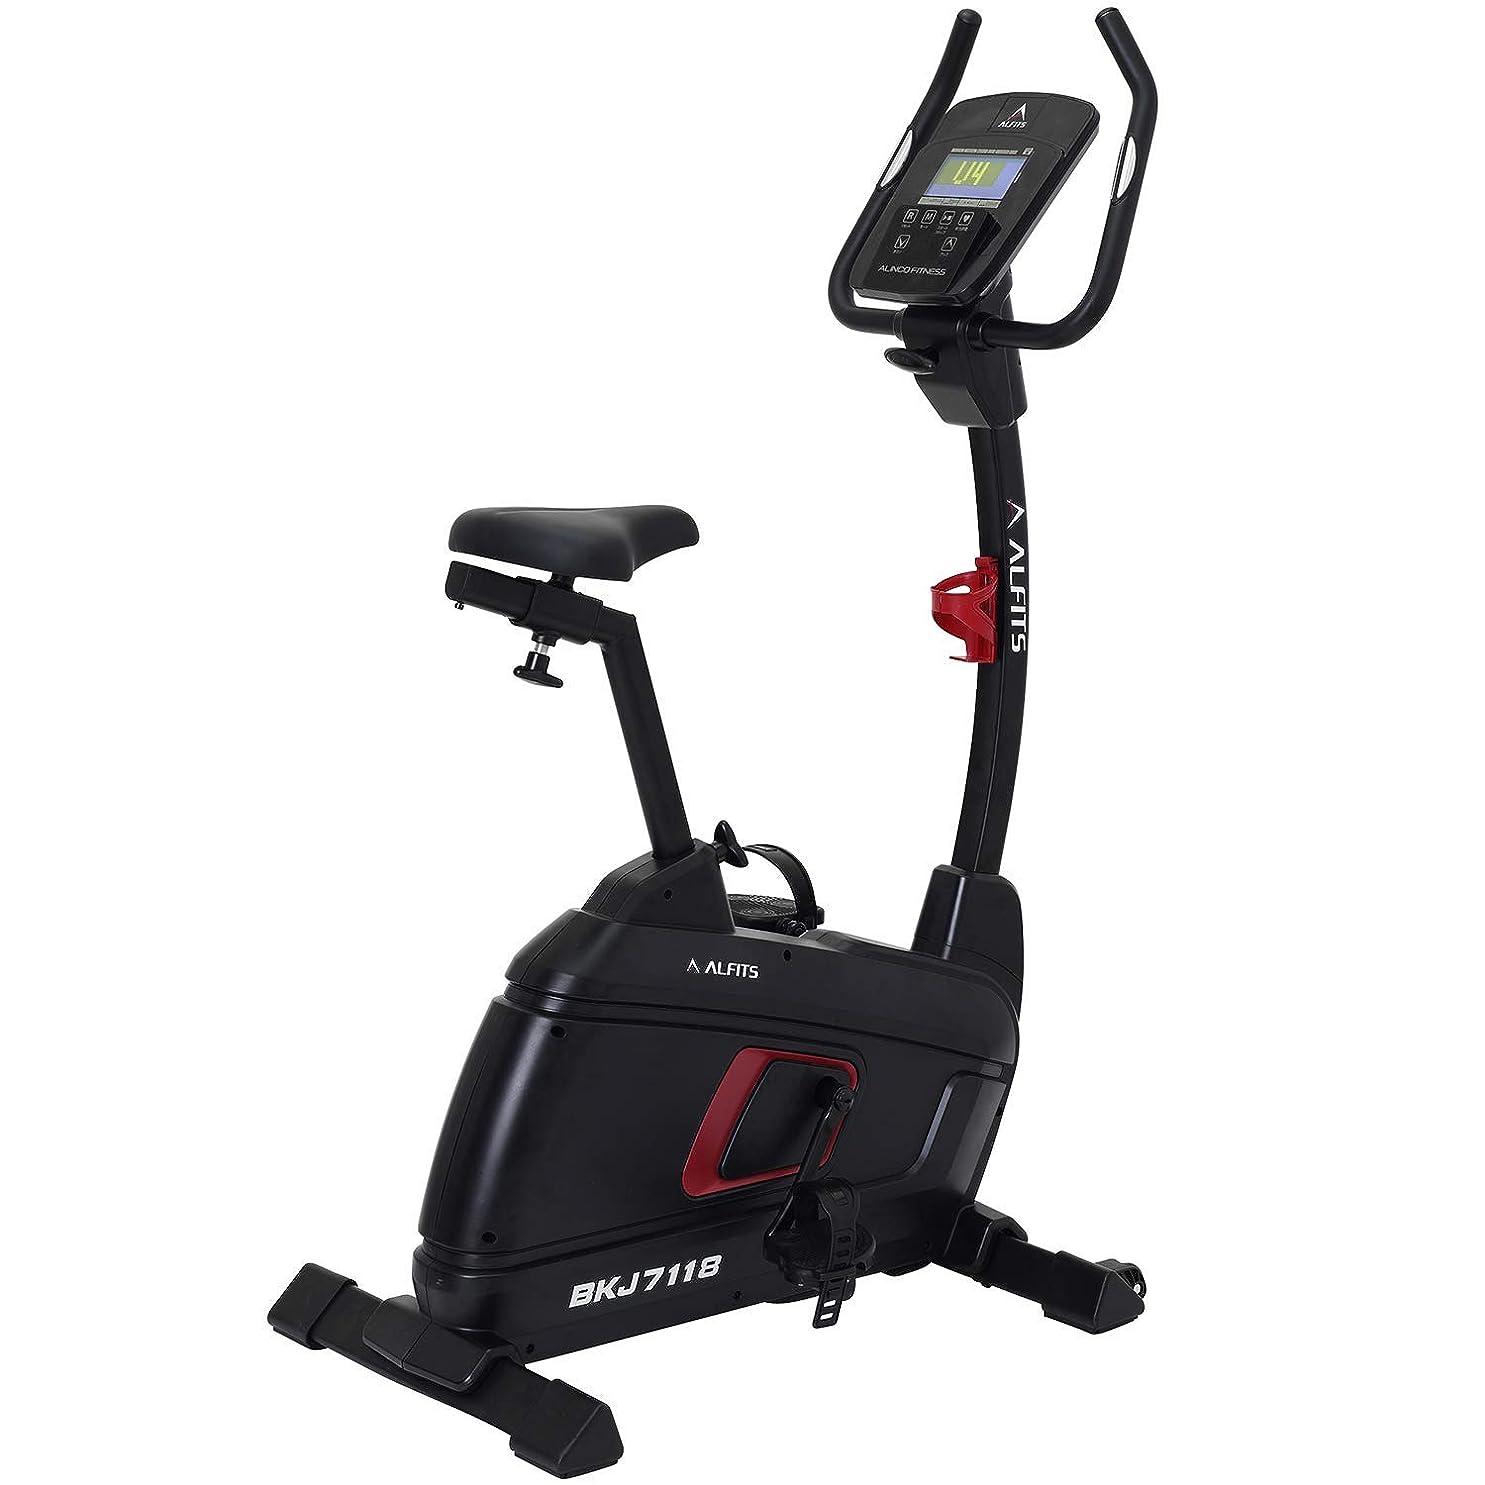 心臓長さ作業ALINCO(アルインコ) フィットネスバイク プログラムバイク LUXE 負荷調節24段階 体脂肪?心拍数測定 12種プログラムモード ハンドルサドル調節可 キャスター付き BKJ7118